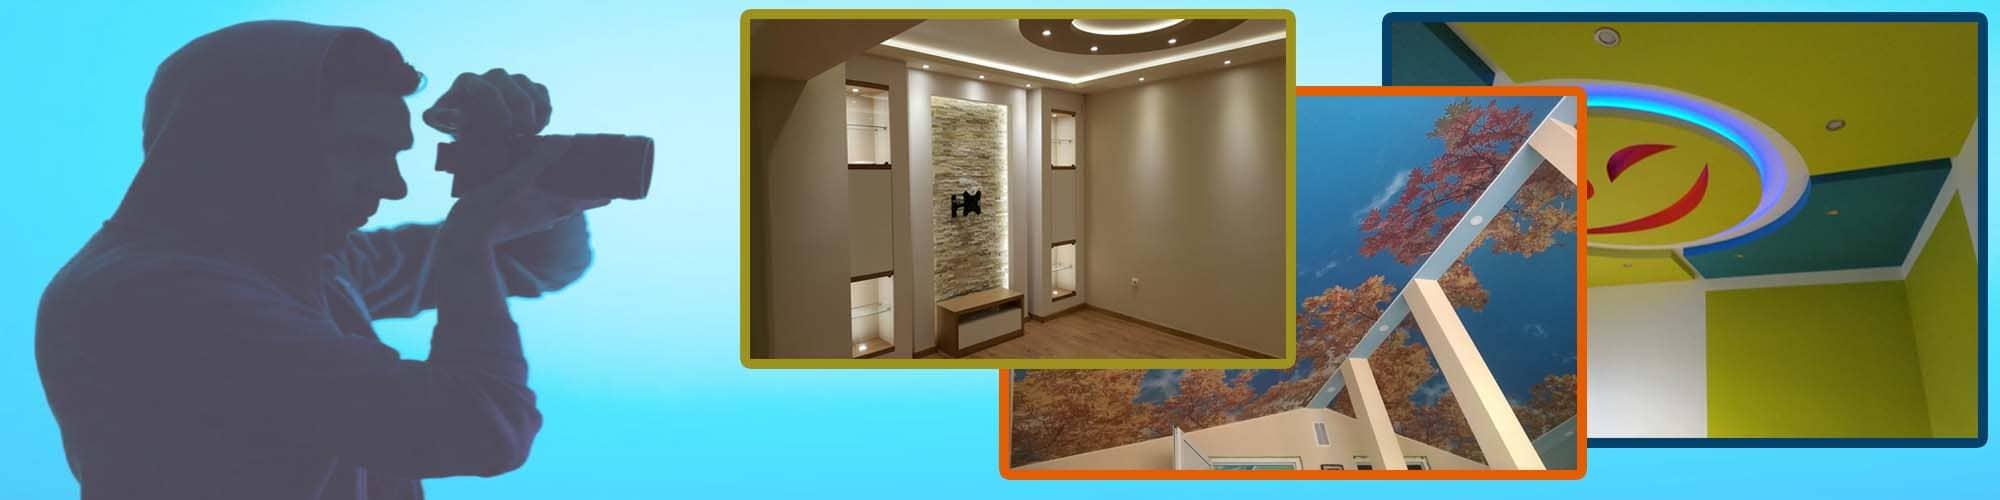 Идеи за окачени тавани от гипсокартон и опънати тавани . Галерии със снимки